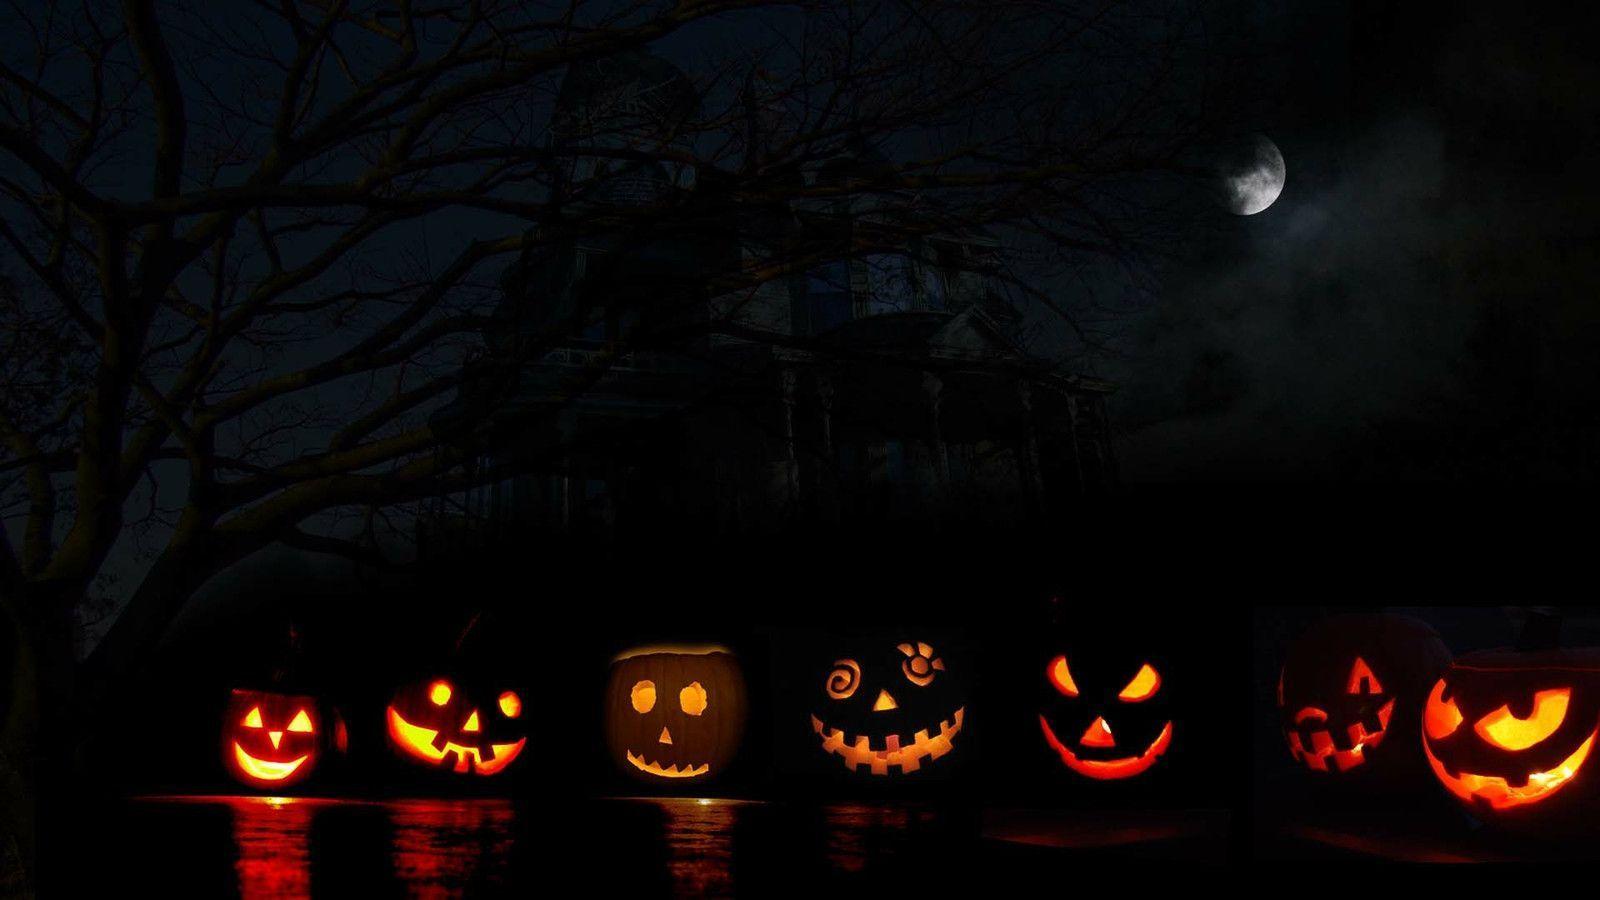 Animated Halloween Screensavers Halloween Desktop 1280 1600x900